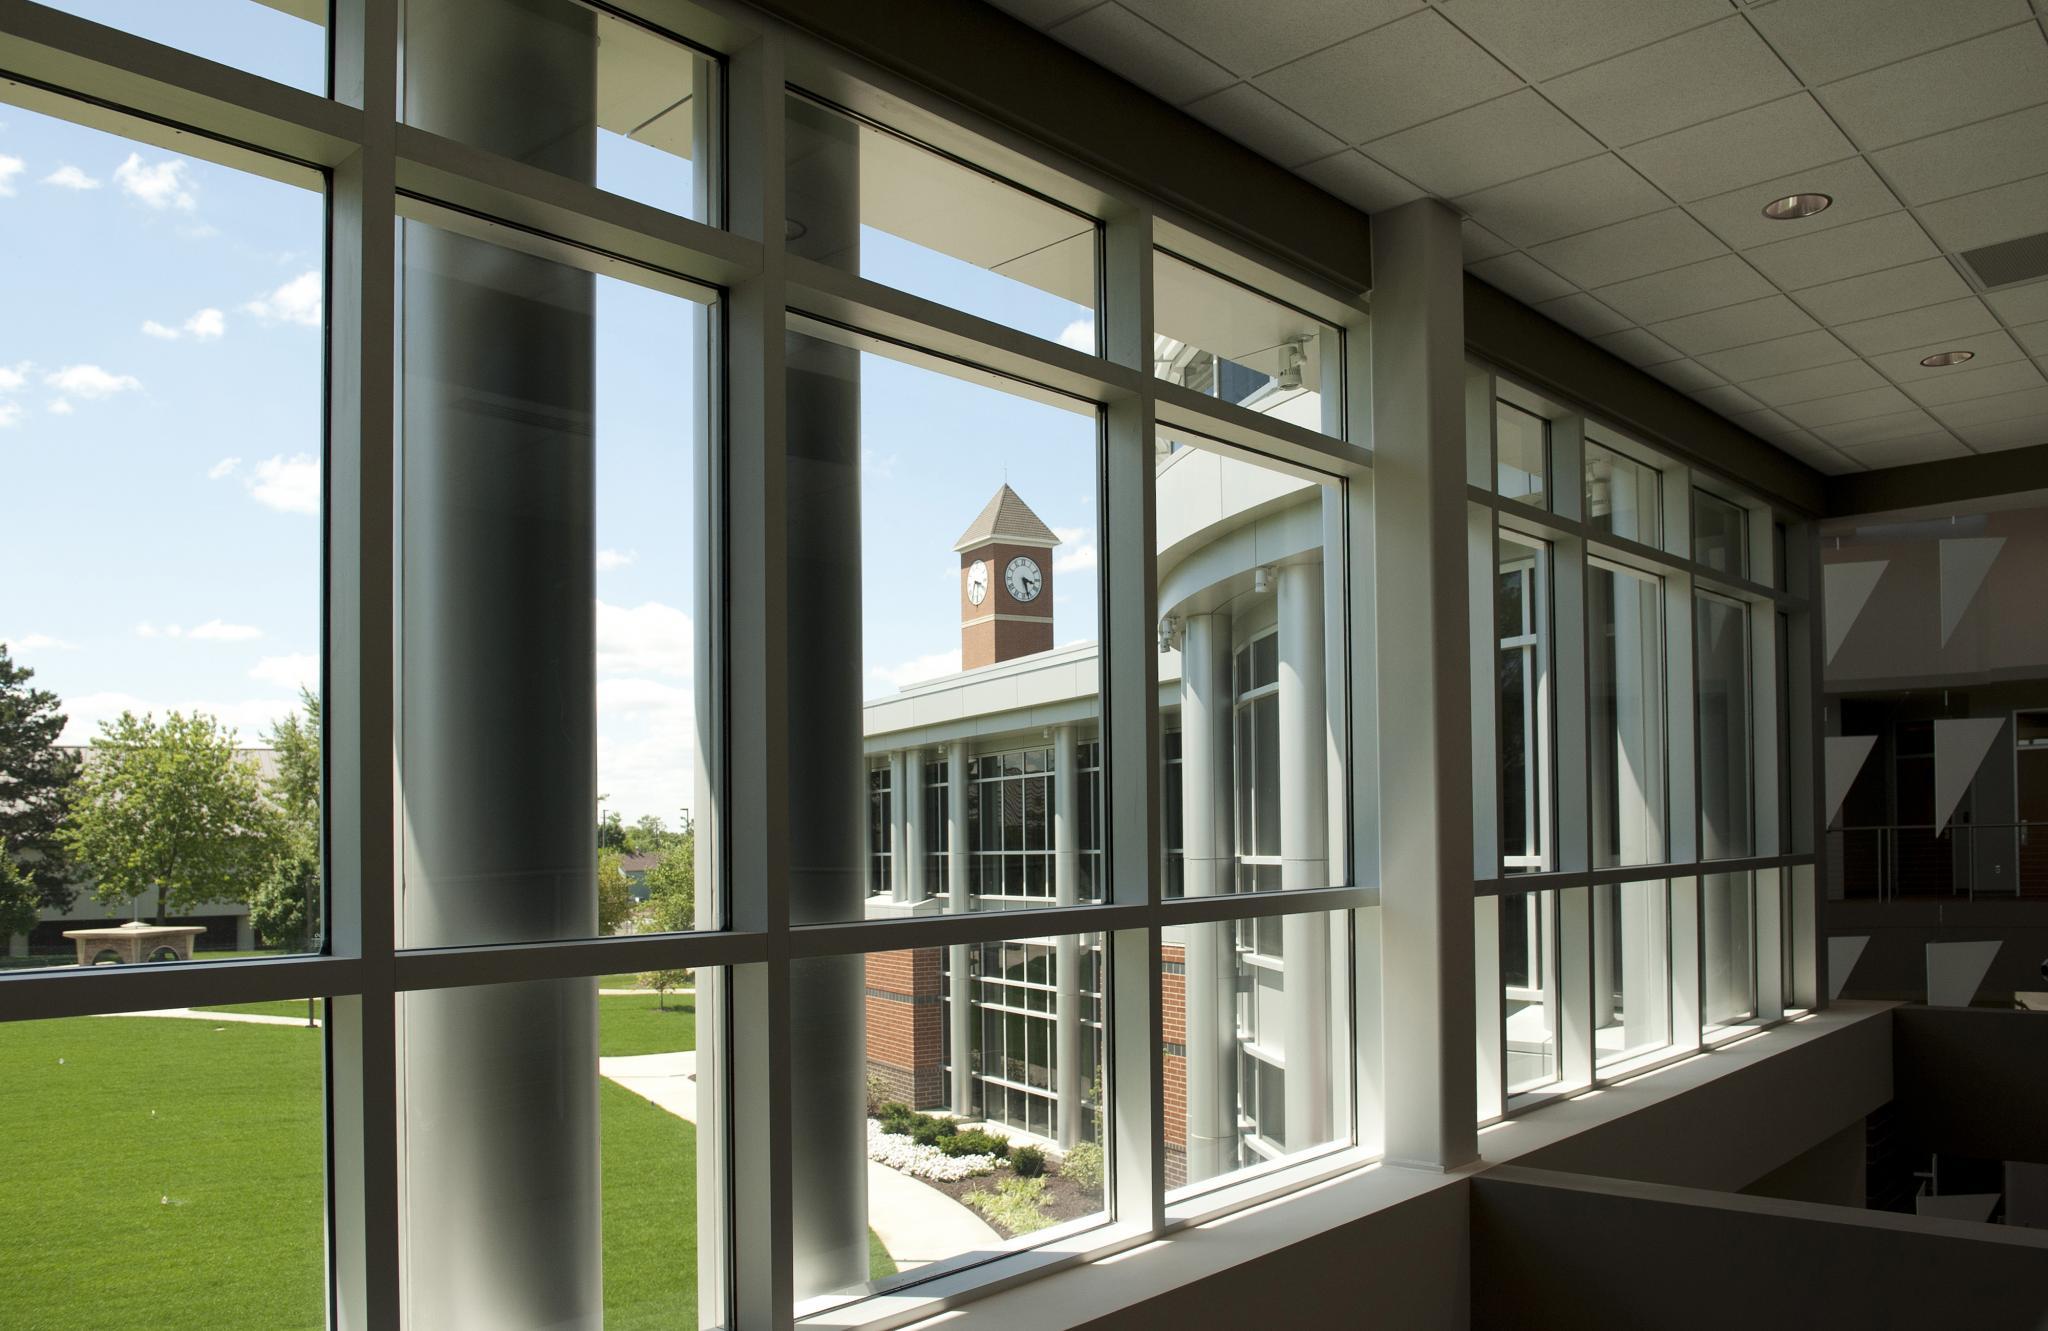 windows looking outside